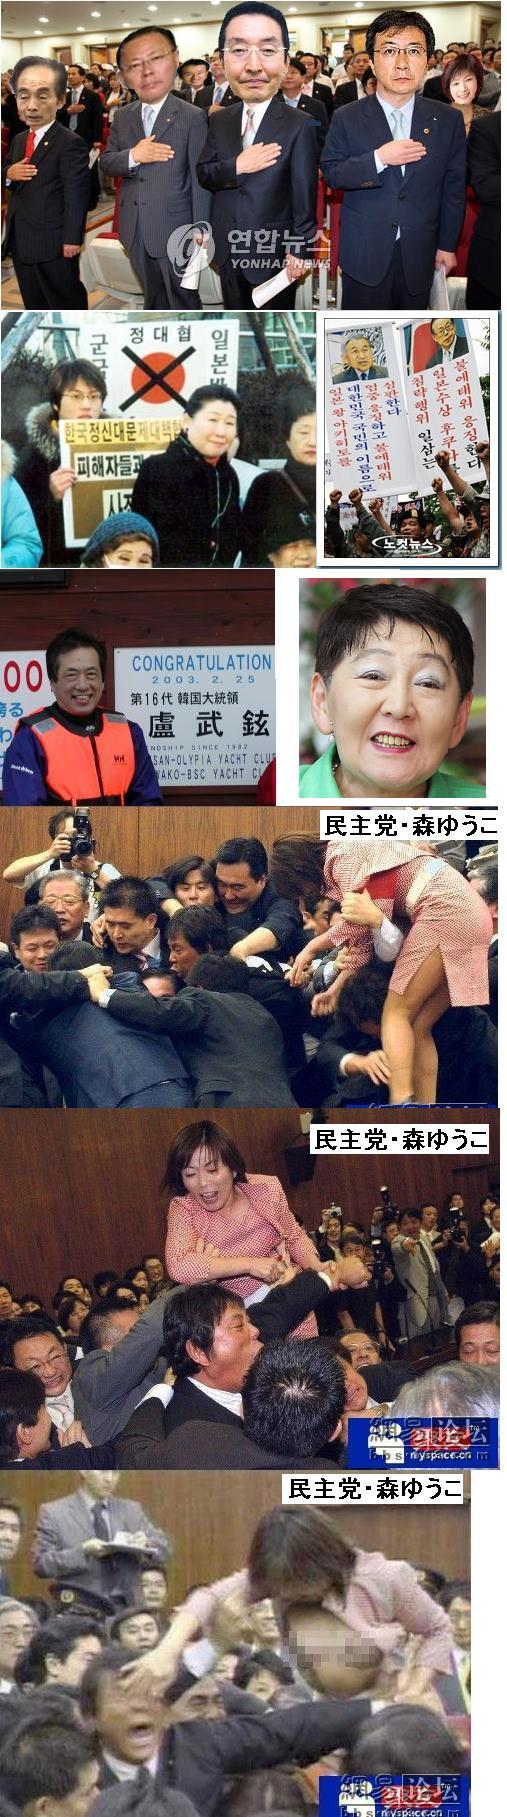 KOREANMINSUKAITAIWWW200911.jpg